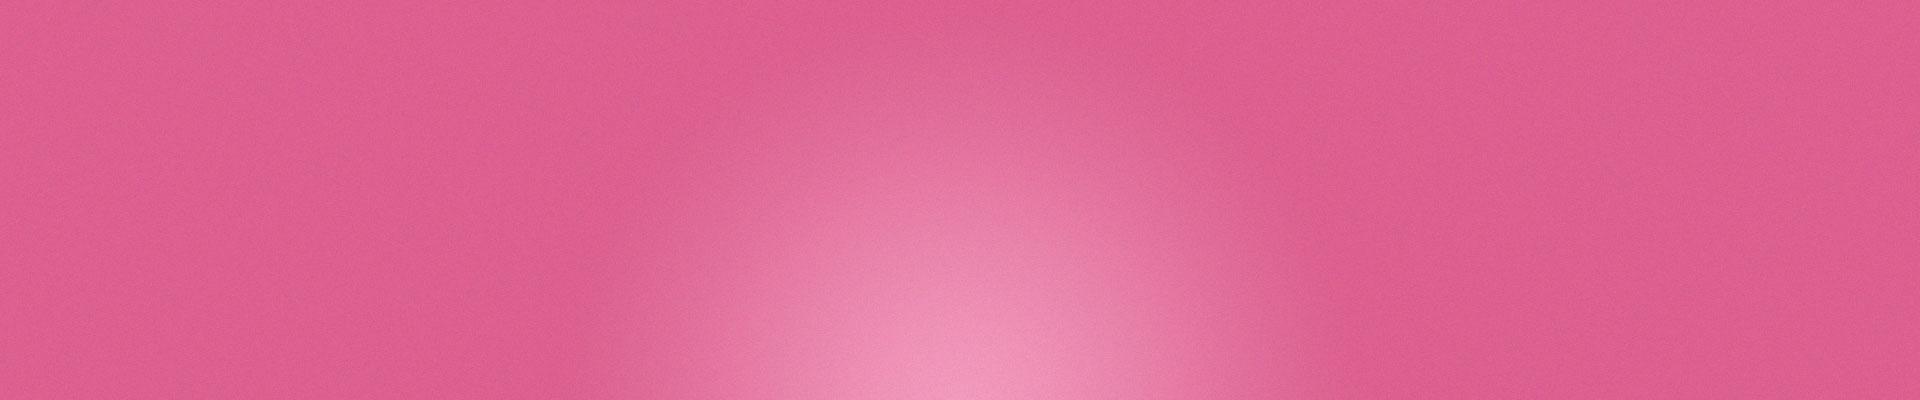 pink-bg1